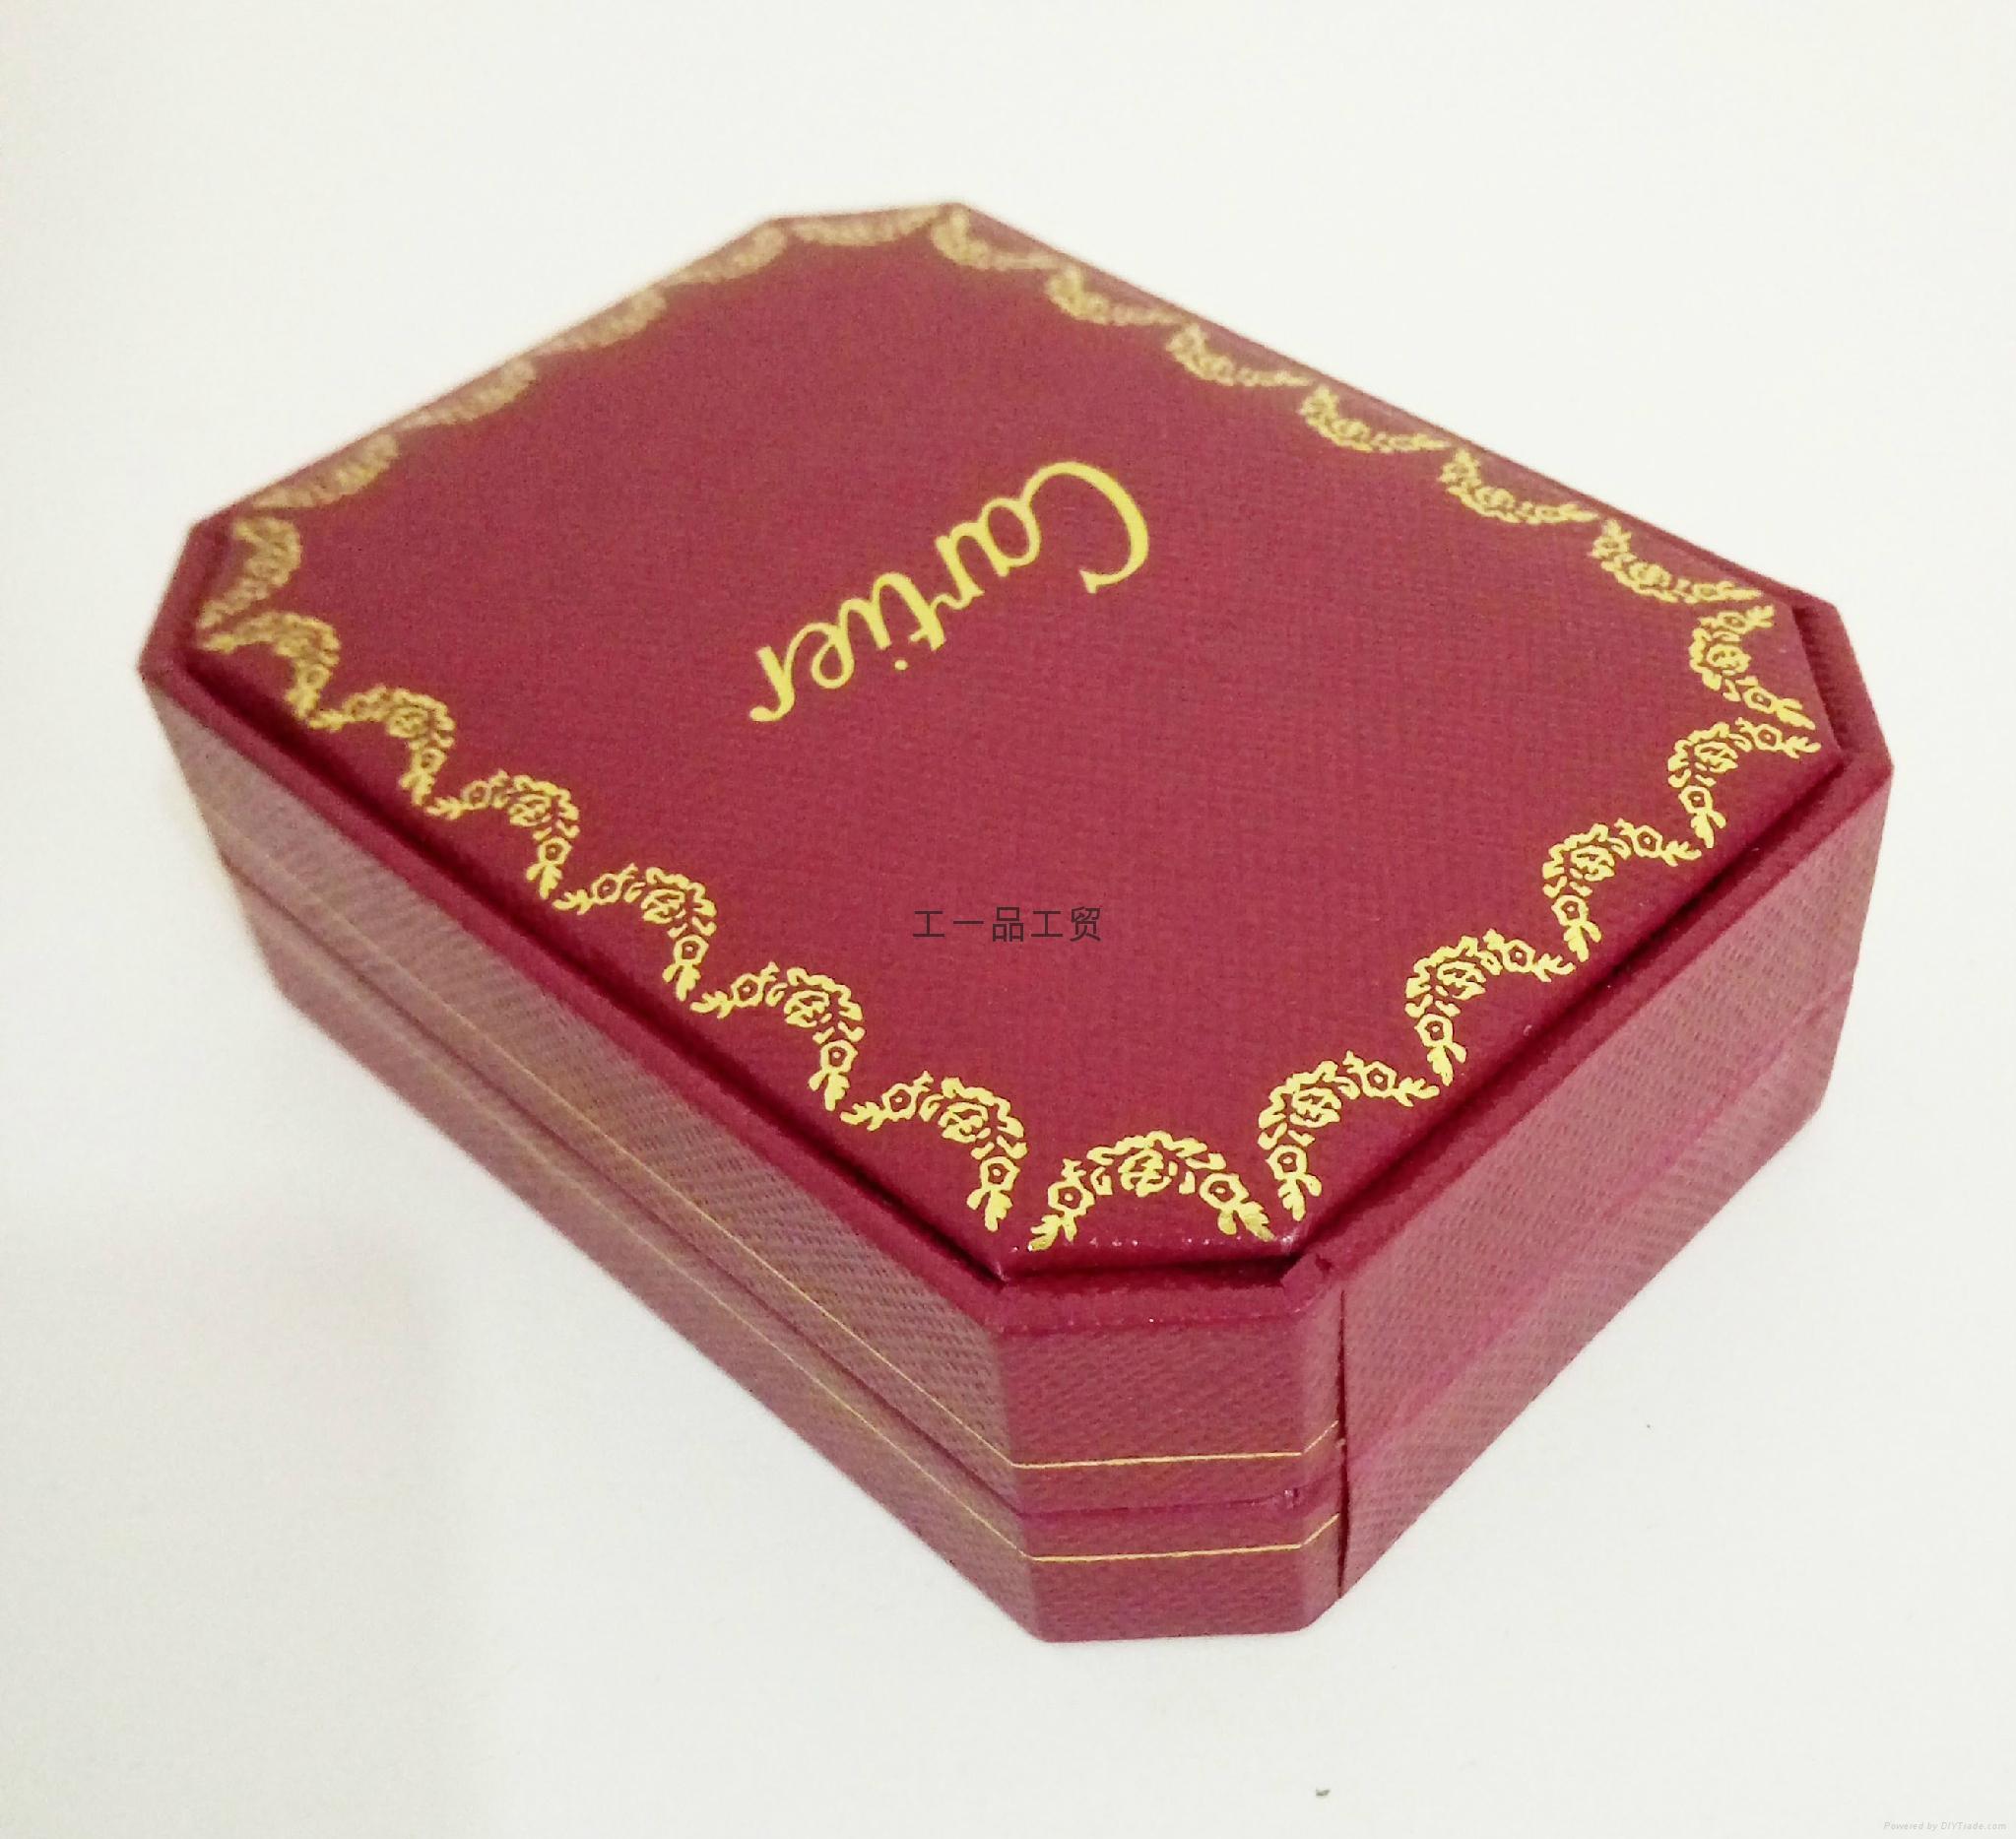 卡家同款进口特种纸八角首饰盒 5